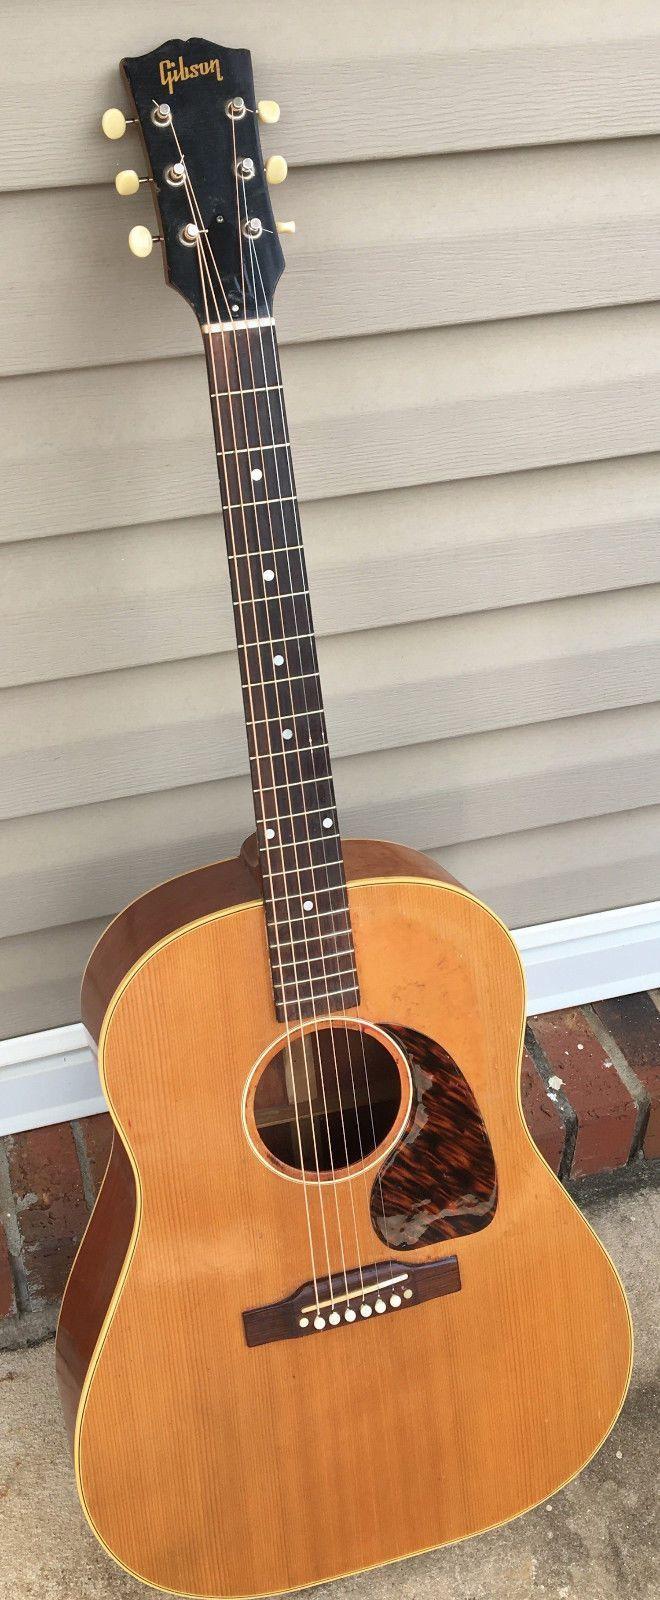 Guitar 1951 Gibson J 50 Vintage Acoustic Guitar Please Retweet Acoustic Guitar Best Acoustic Electric Guitar Acoustic